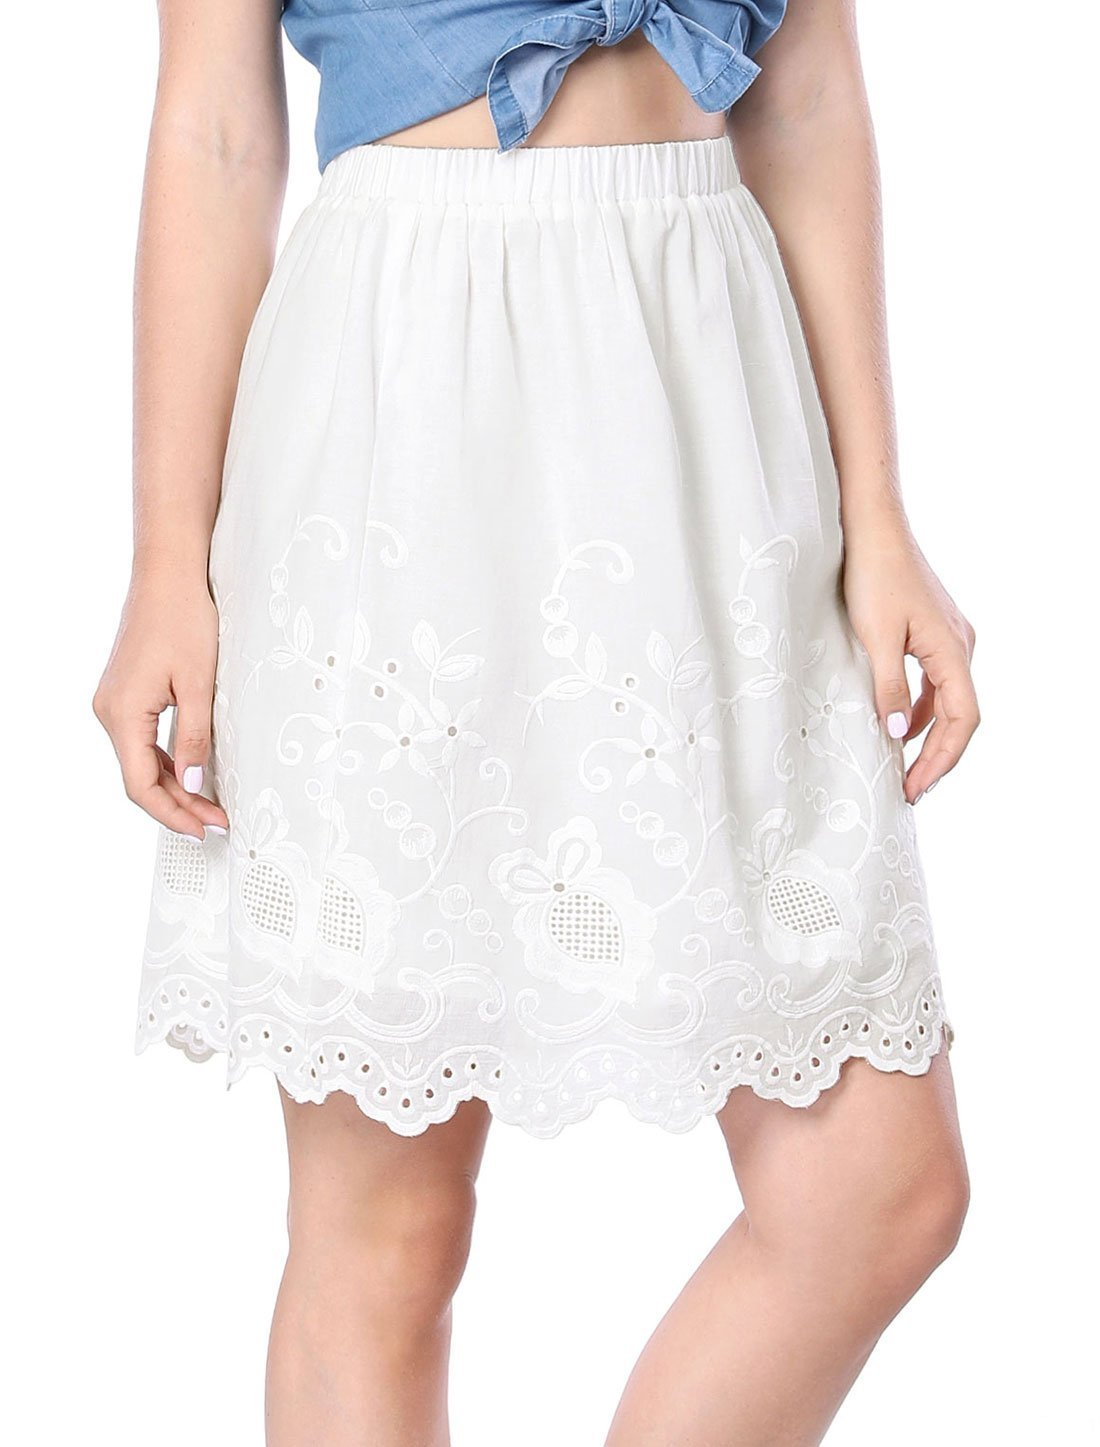 Allegra K Women's Embroidery Elastic Waist Knee Length A Line Skirt XS White